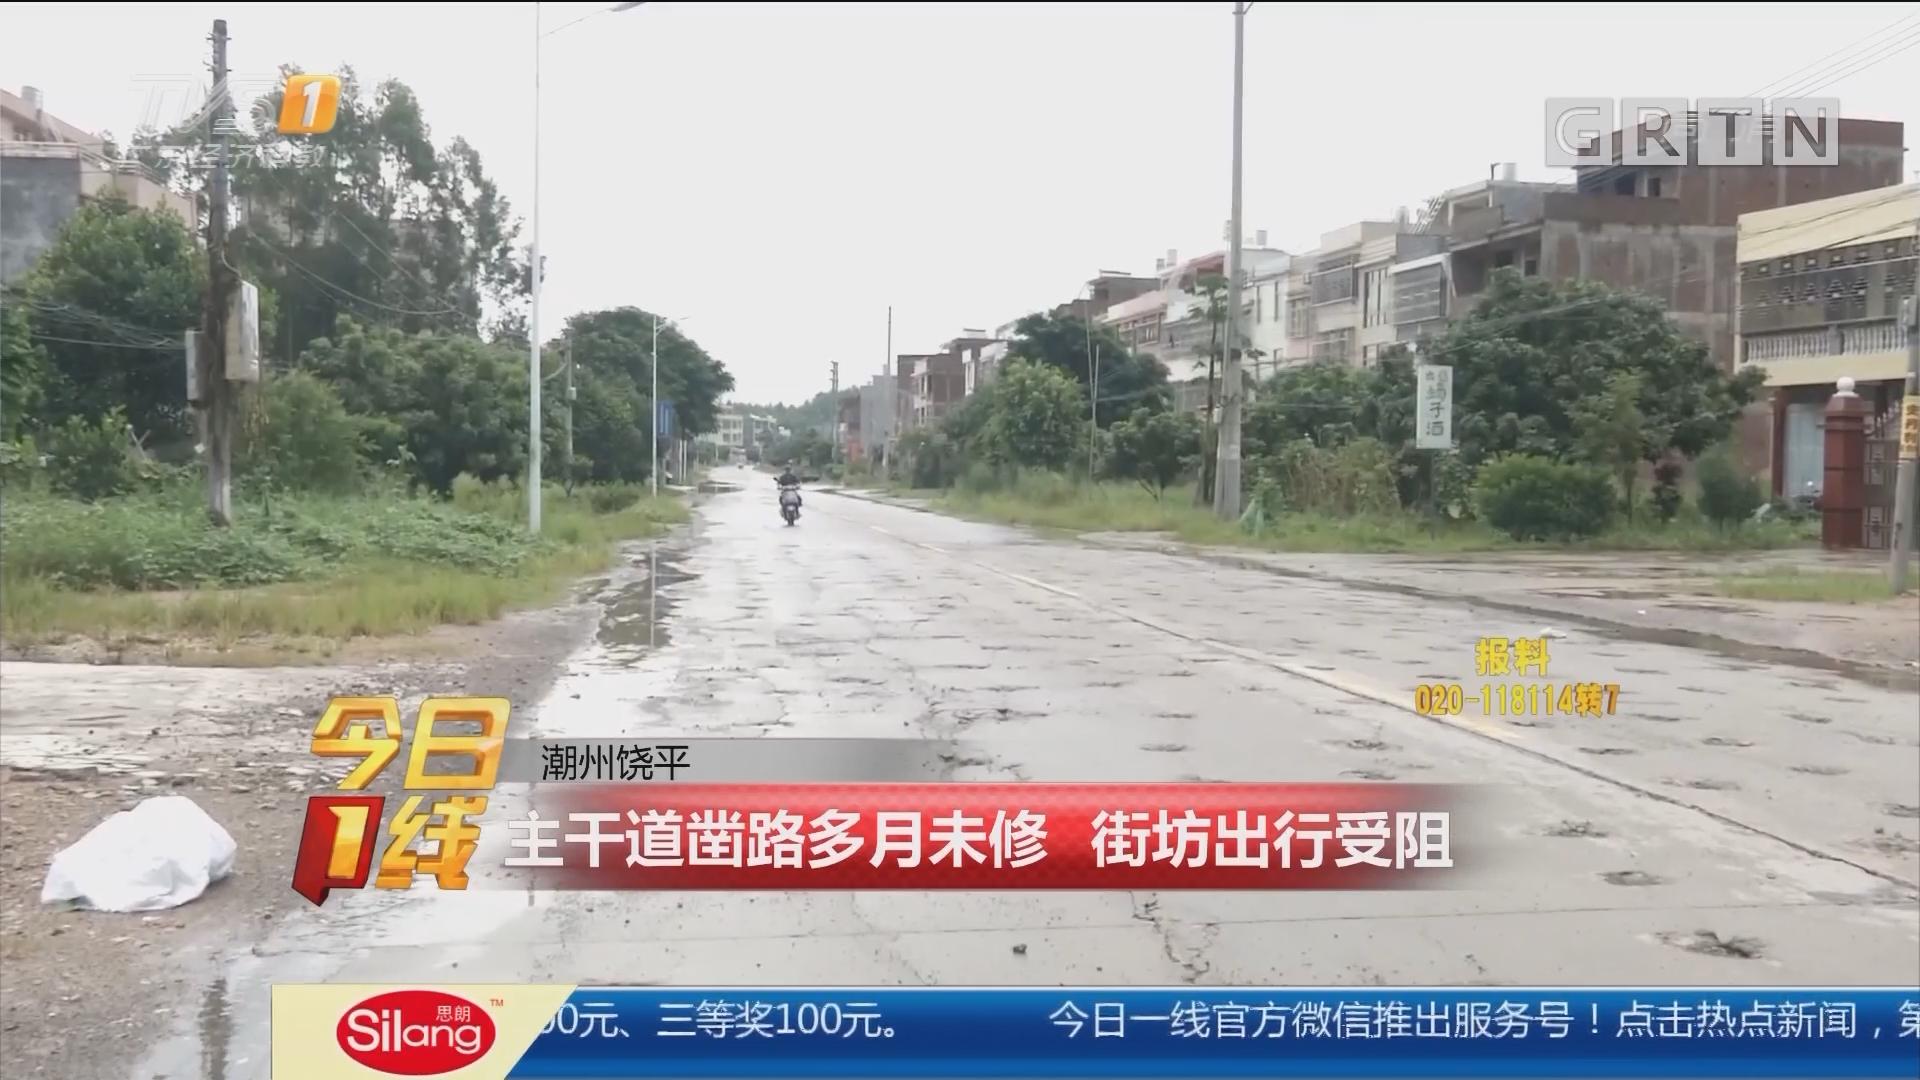 潮州饶平:主干道凿路多月未修 街坊出行受阻